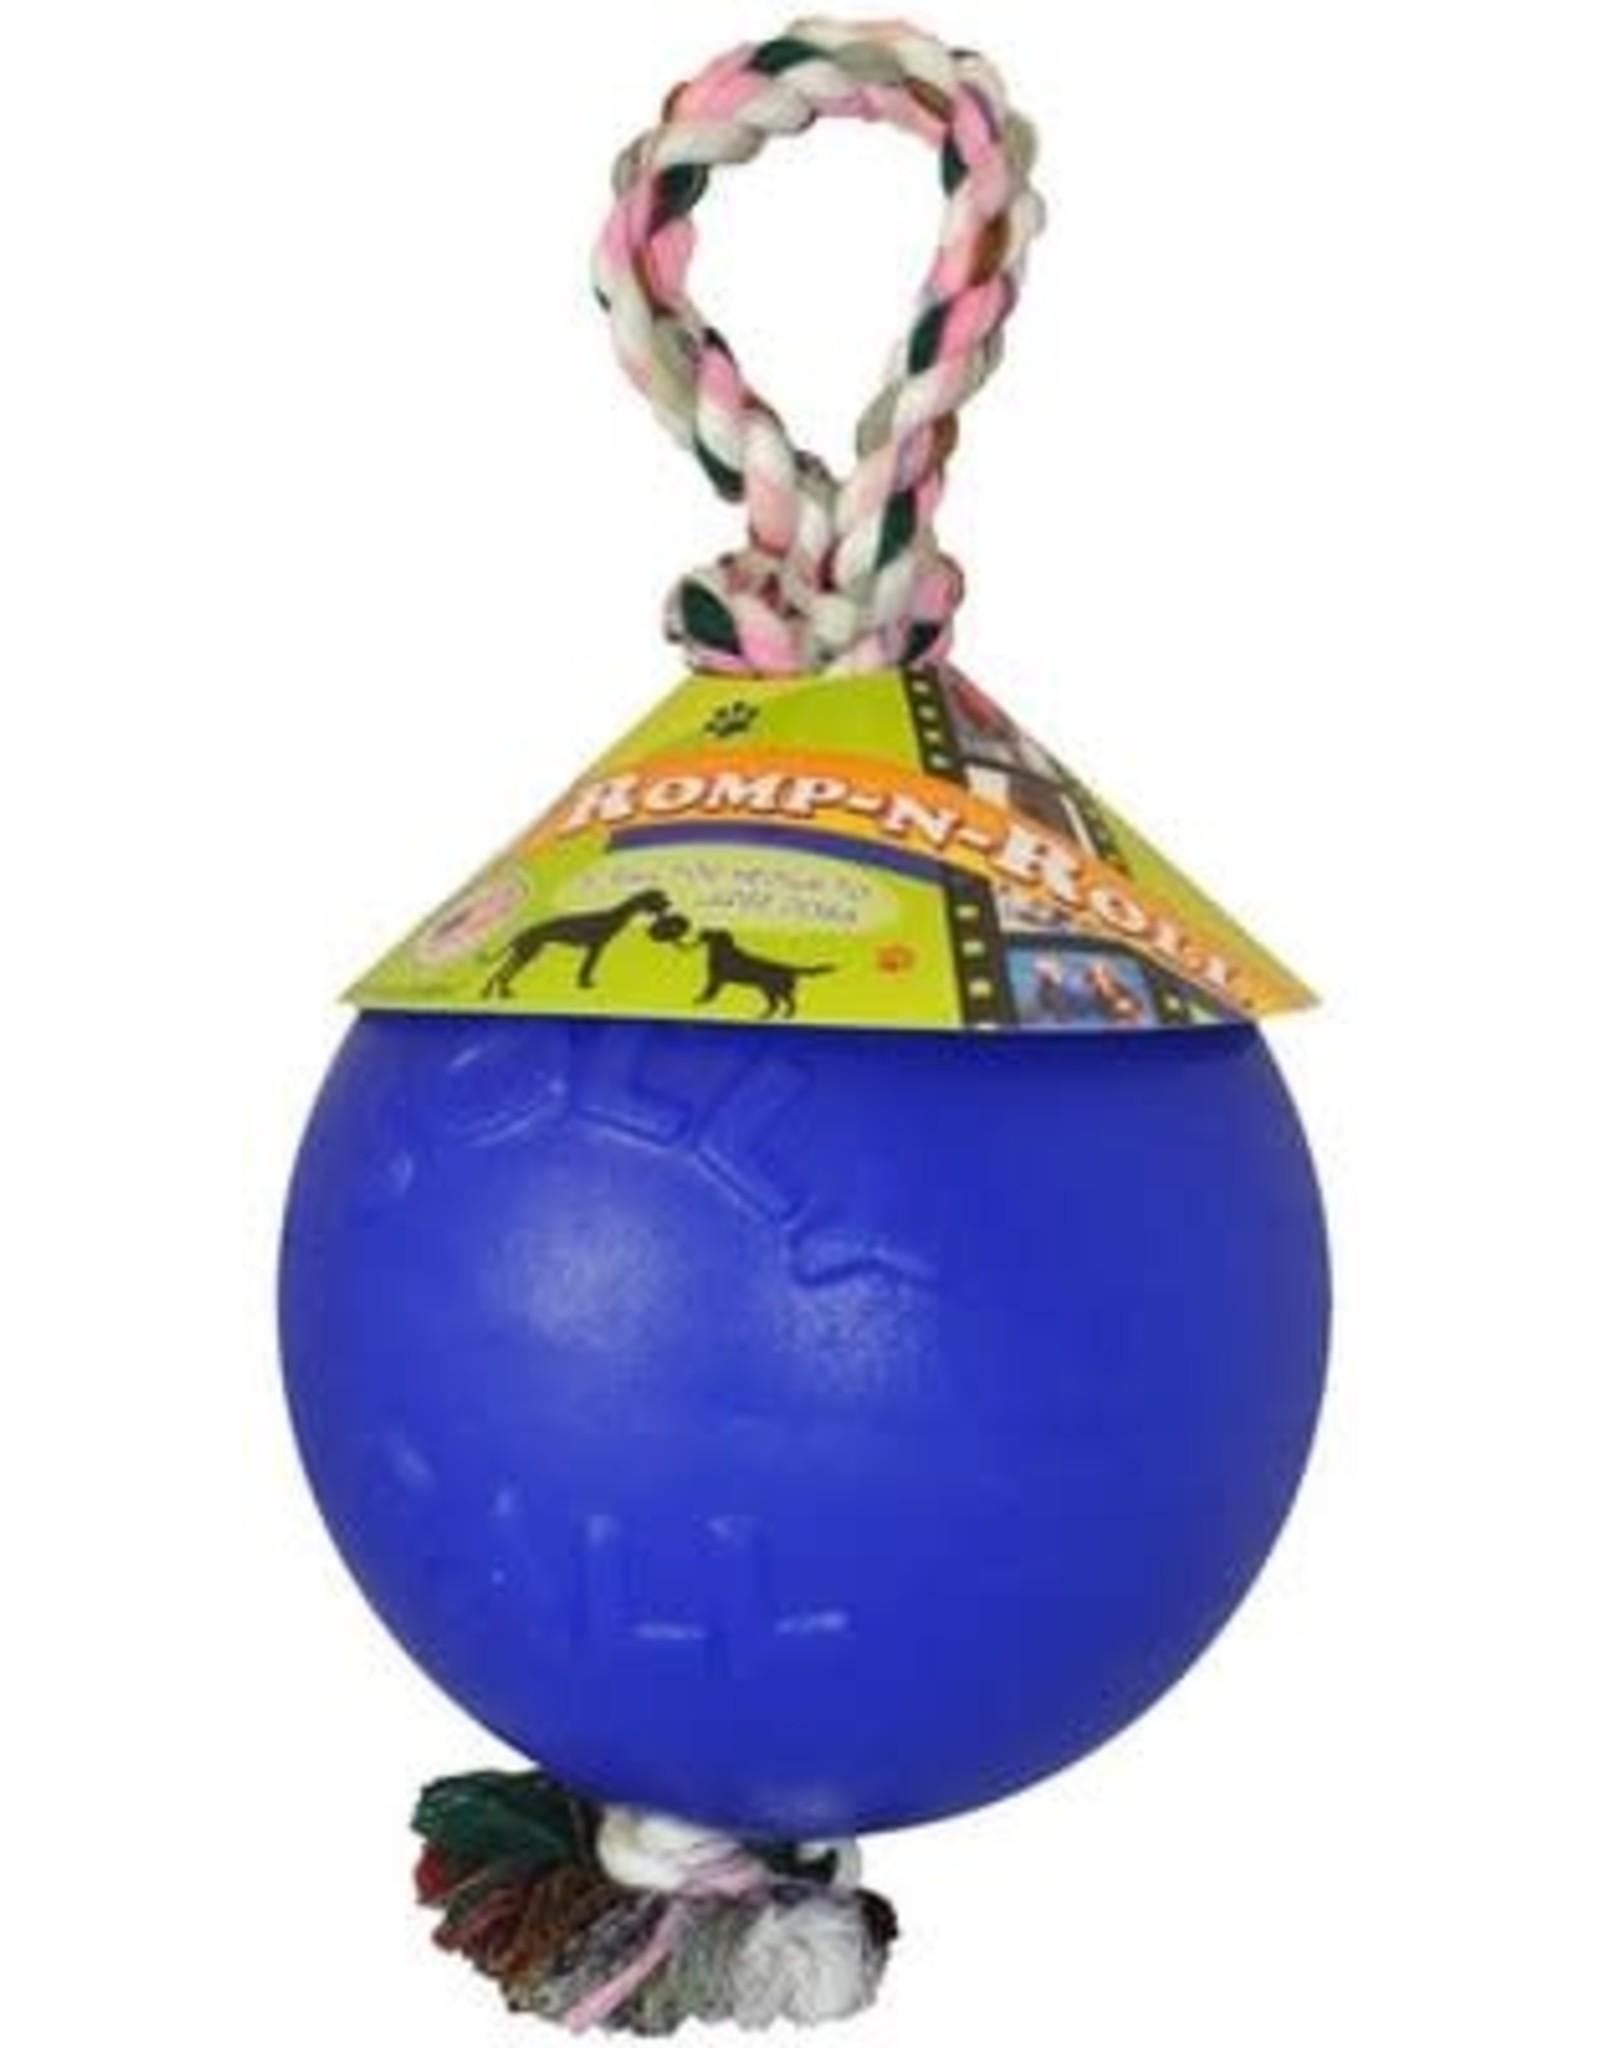 Jolly Pet JOLLYPET Romp-n-Roll 8in Blue